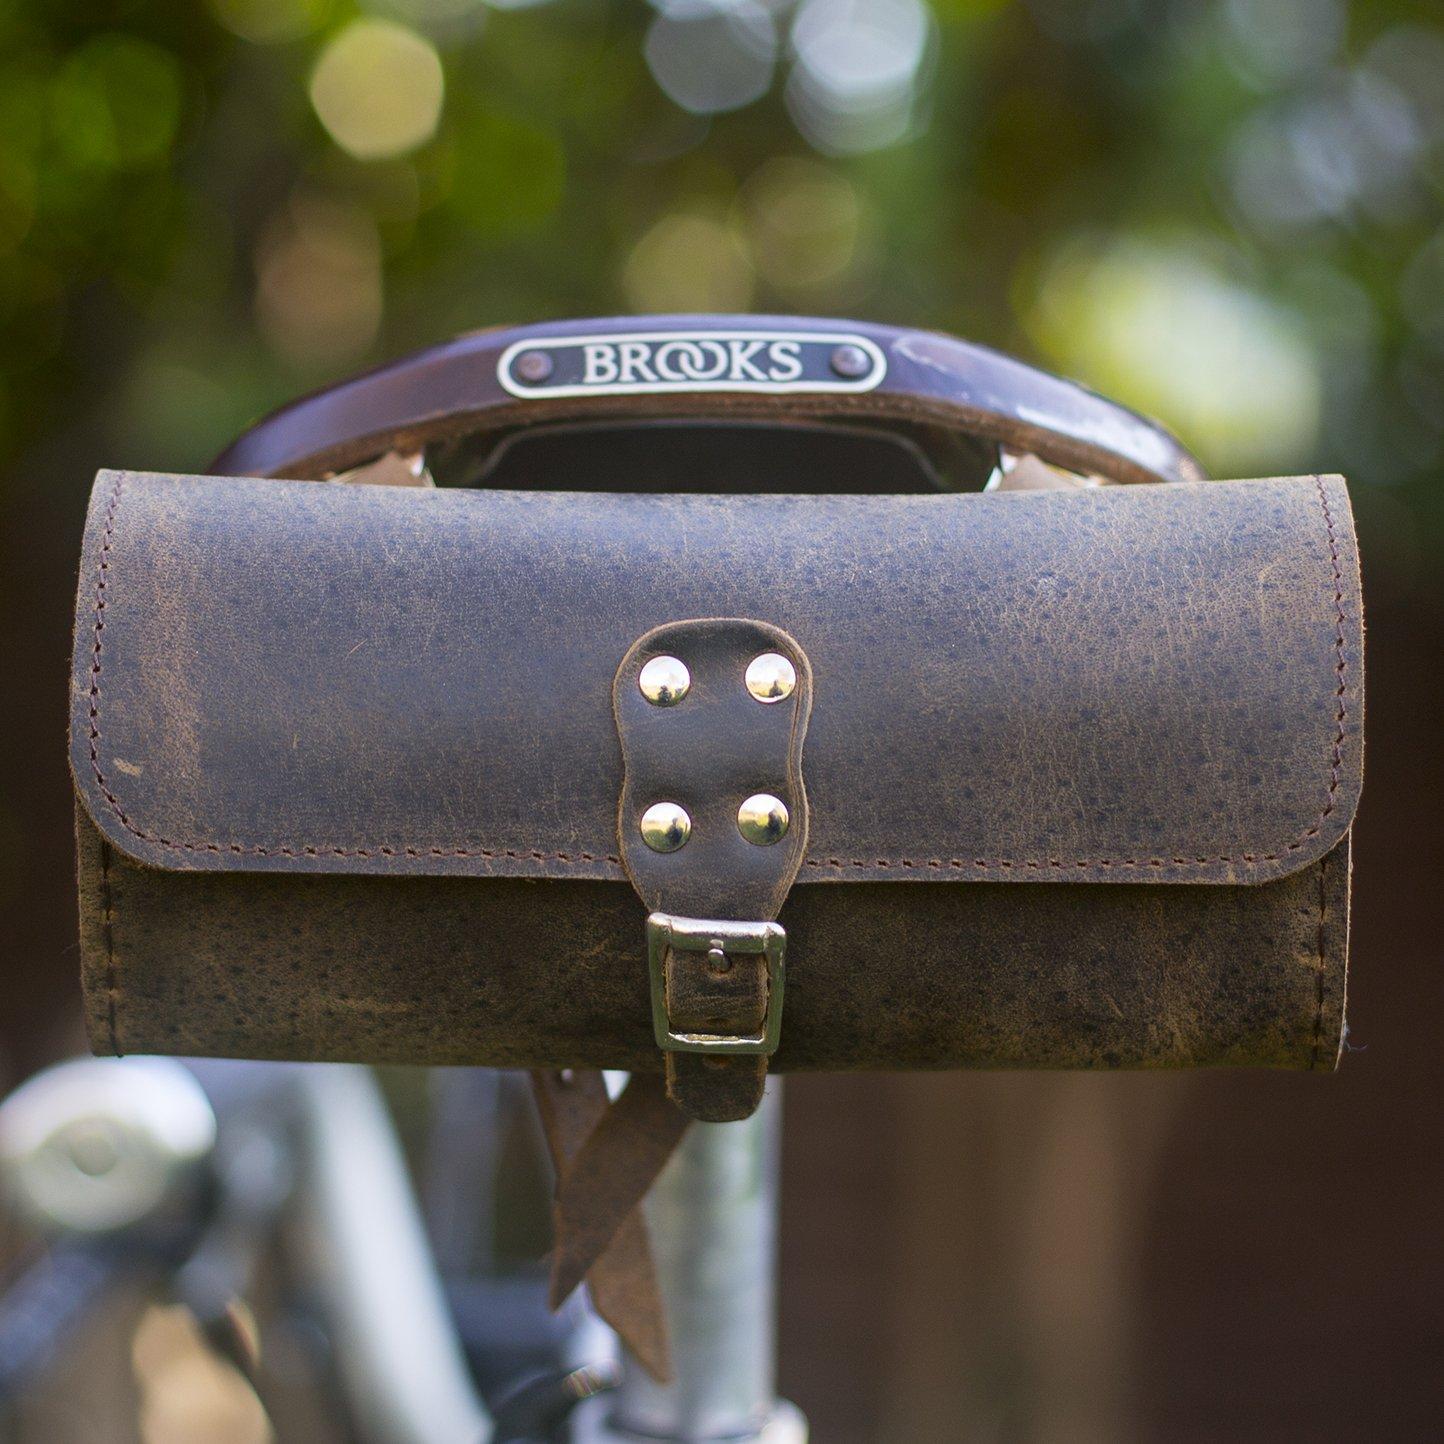 Bicicleta sillín Bolsa Raw marrón Vintage de piel auténtica estilo (marrón) London Craftwork